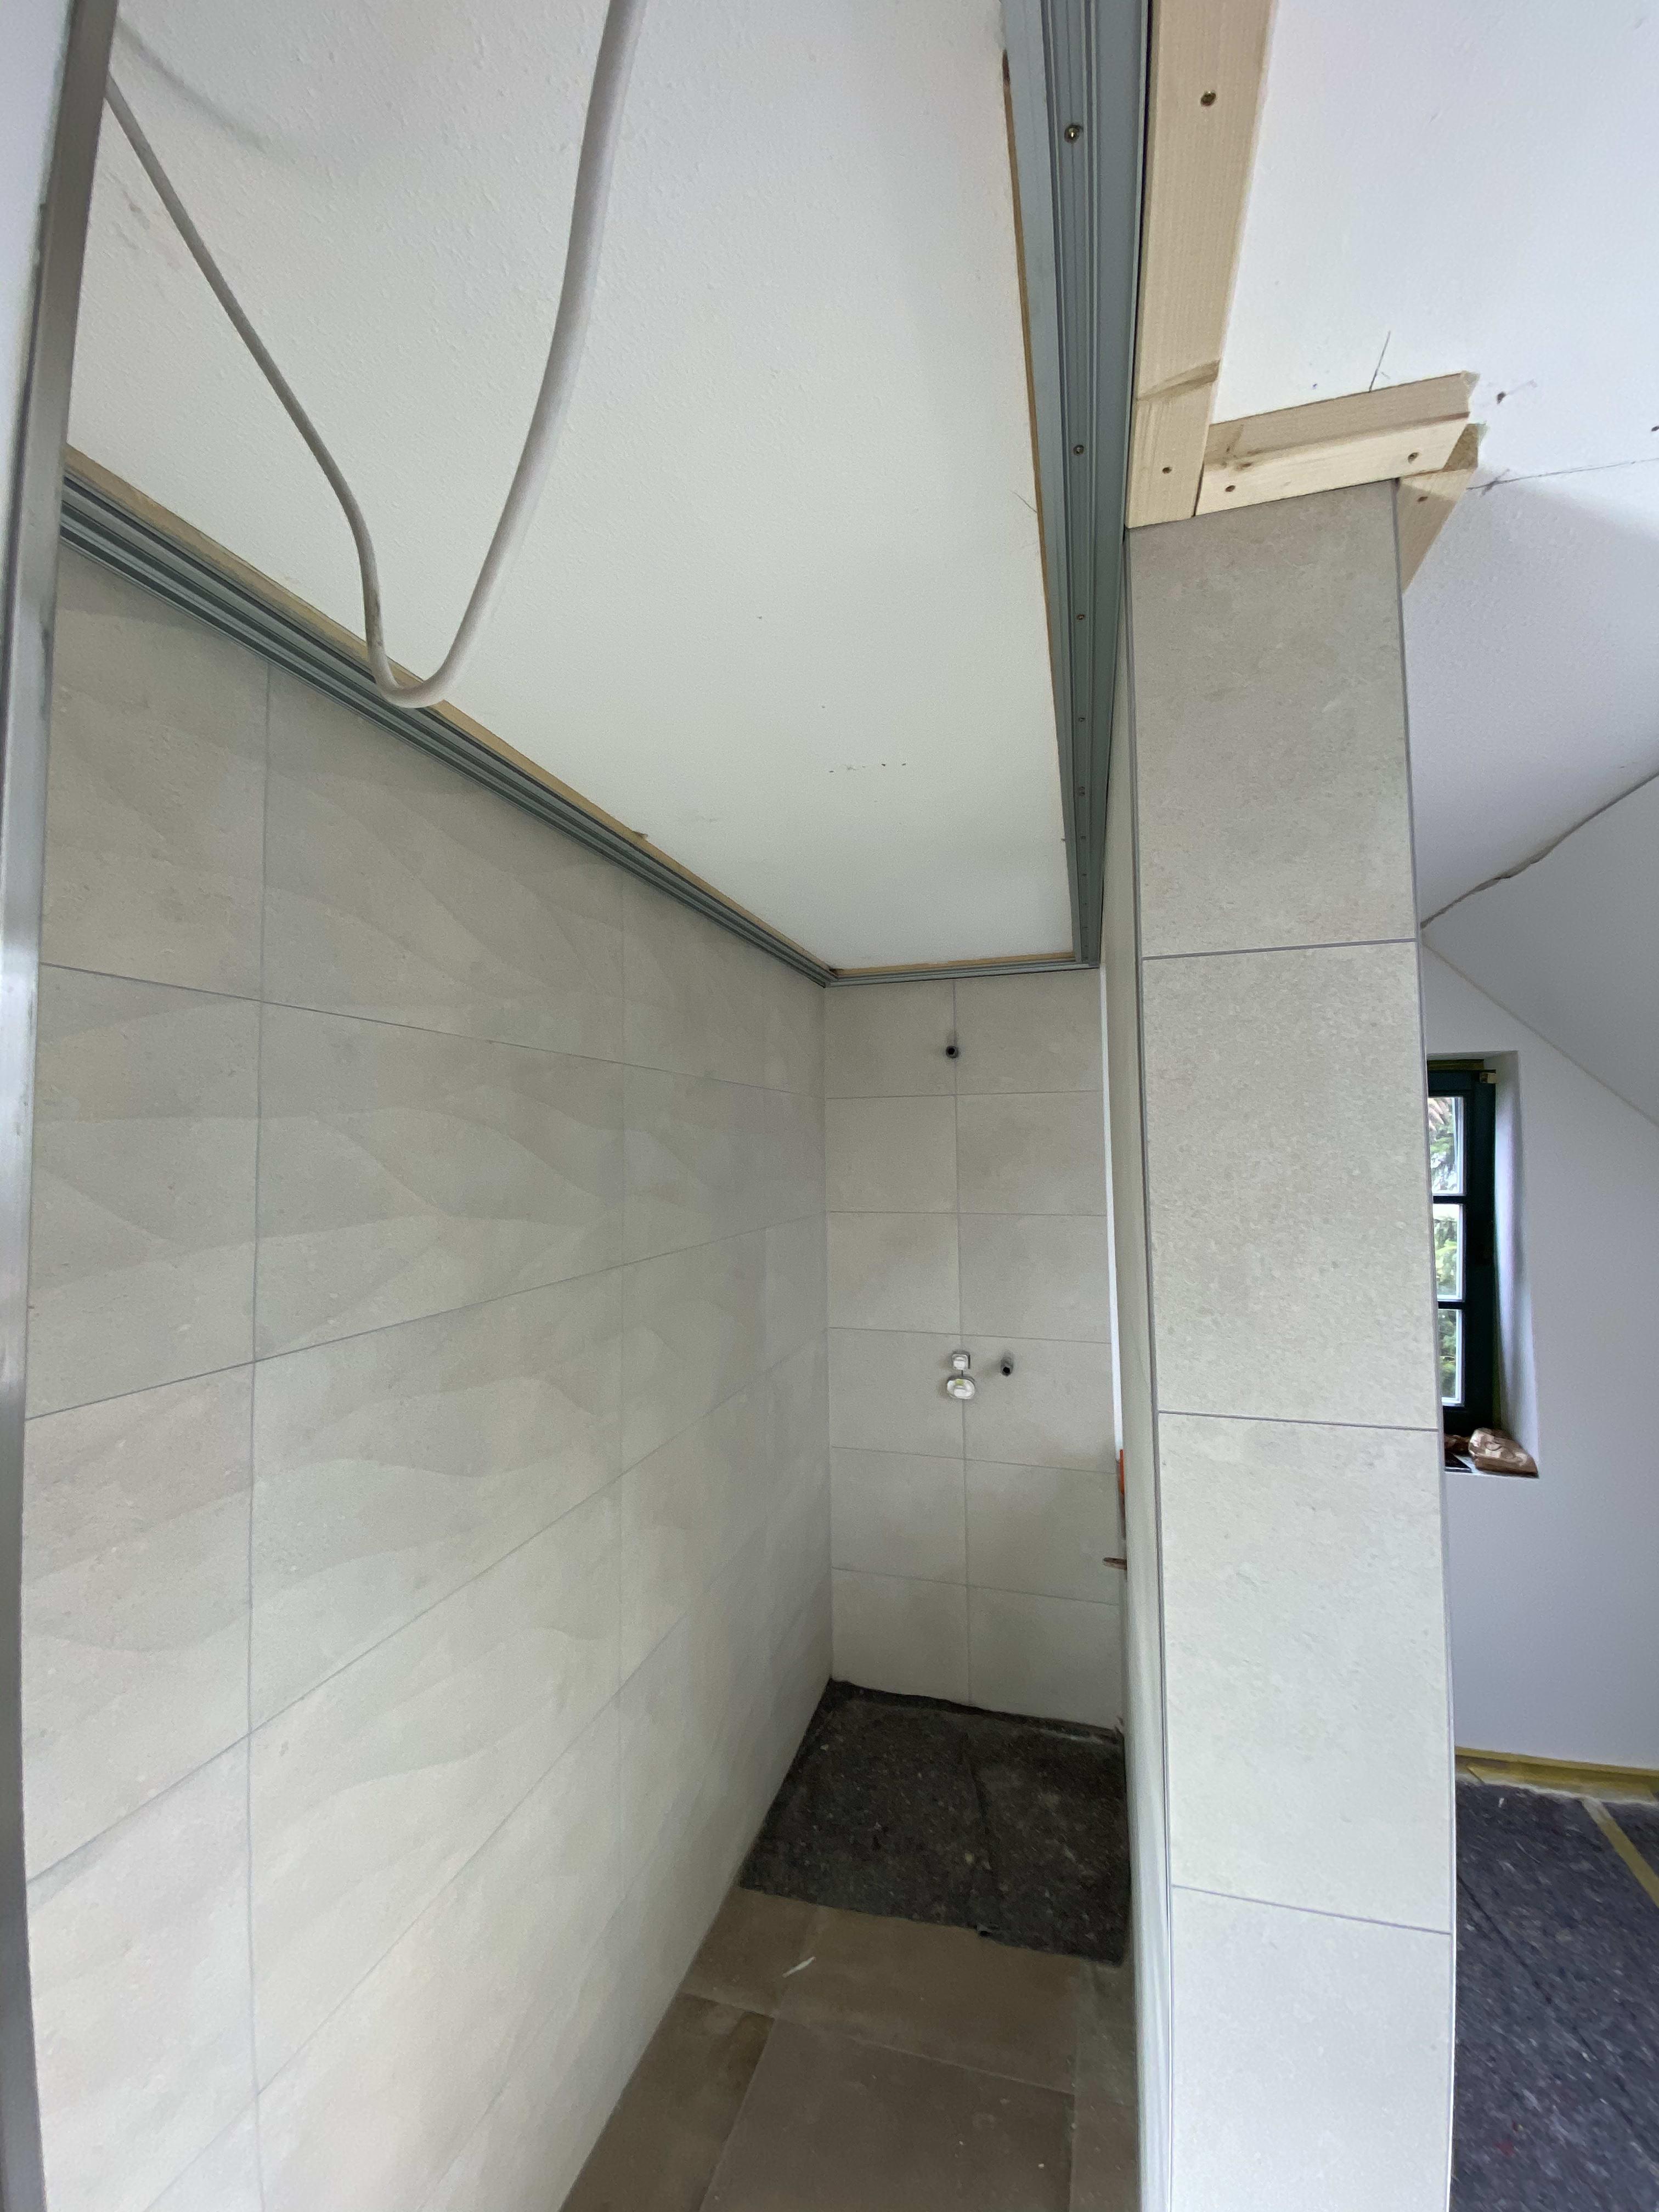 Lichtdecke in der Dusche